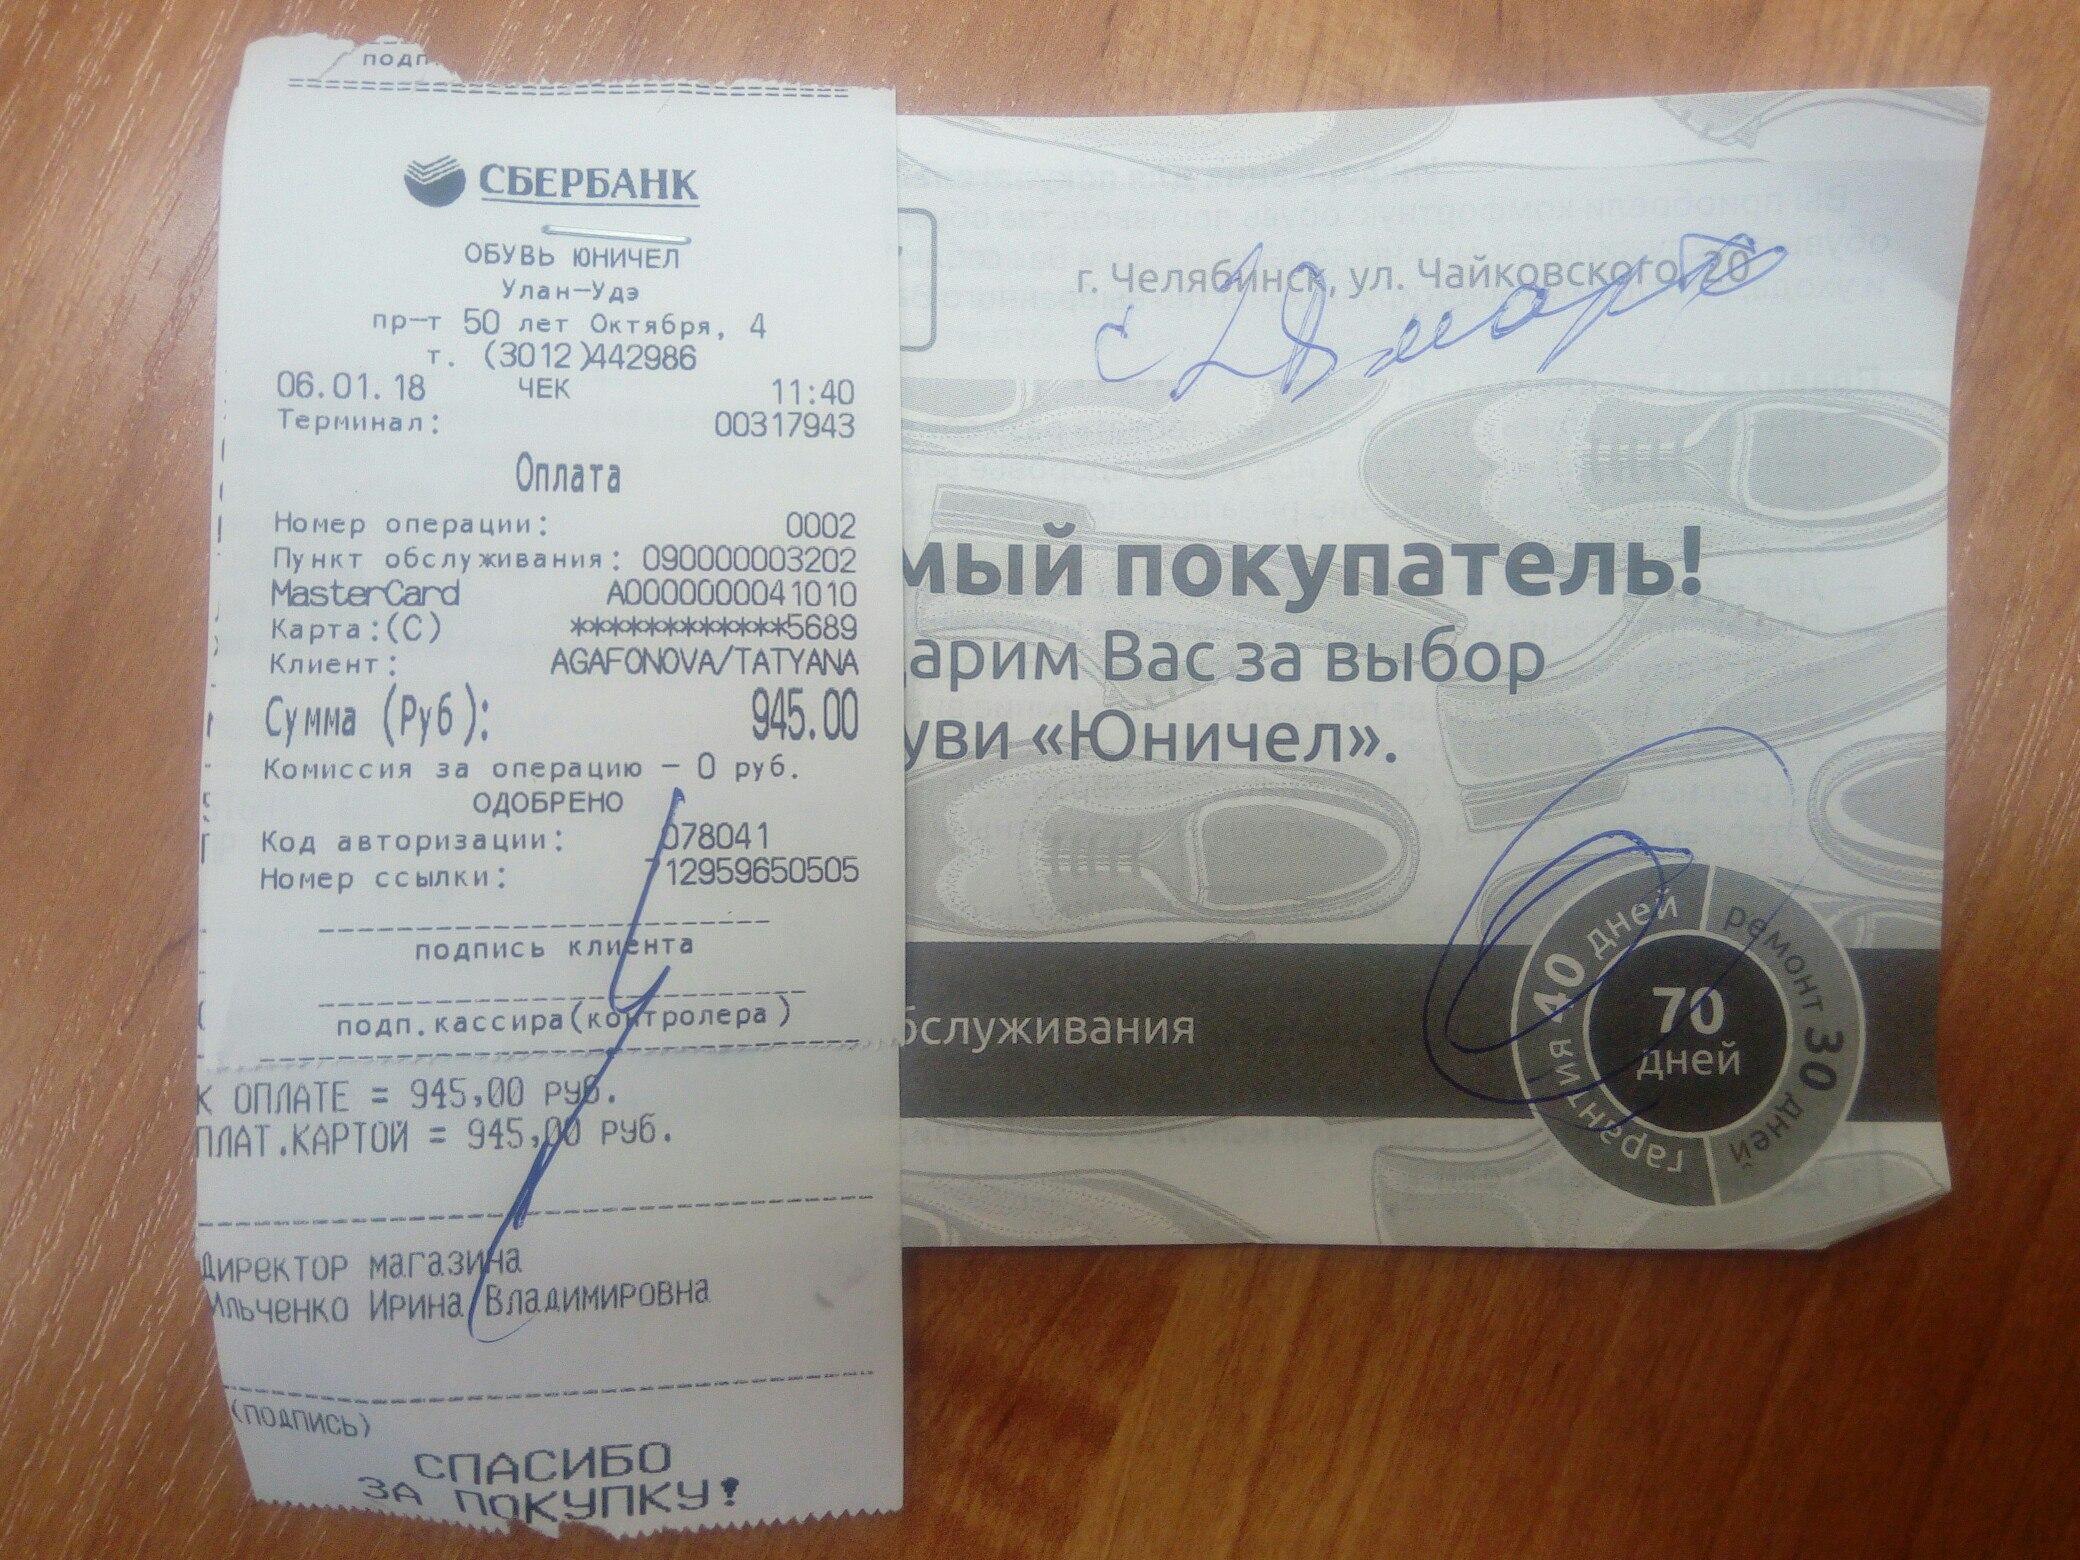 Продаю новые удобные туфли 39 размер, натуральная кожа, на гарантии с 28 марта 2018г, на работе бегать очень удобно:)) 945 рублей.